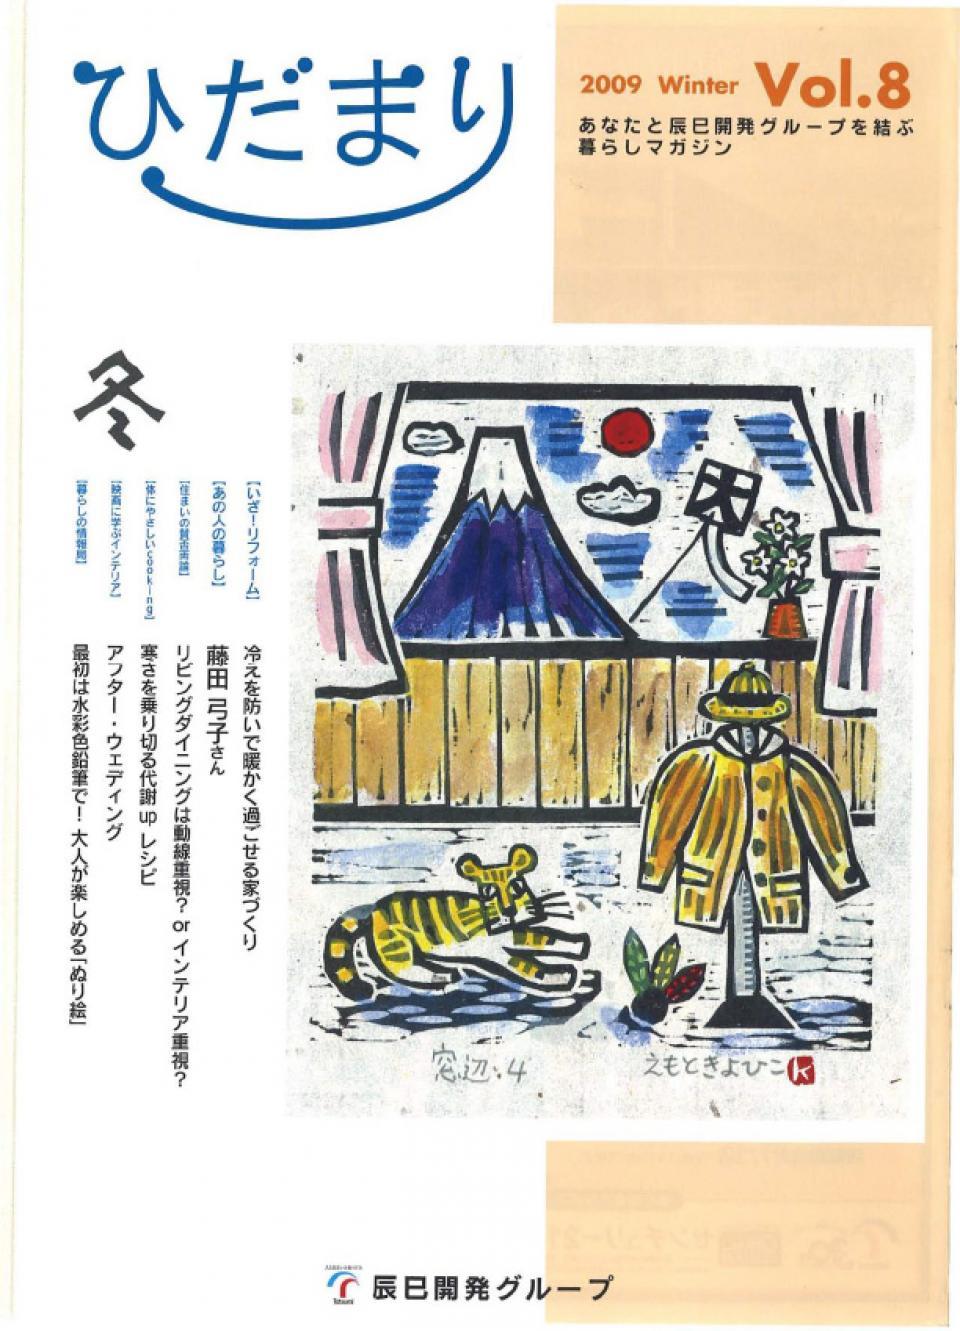 ひだまり 2009 Winter vol.8